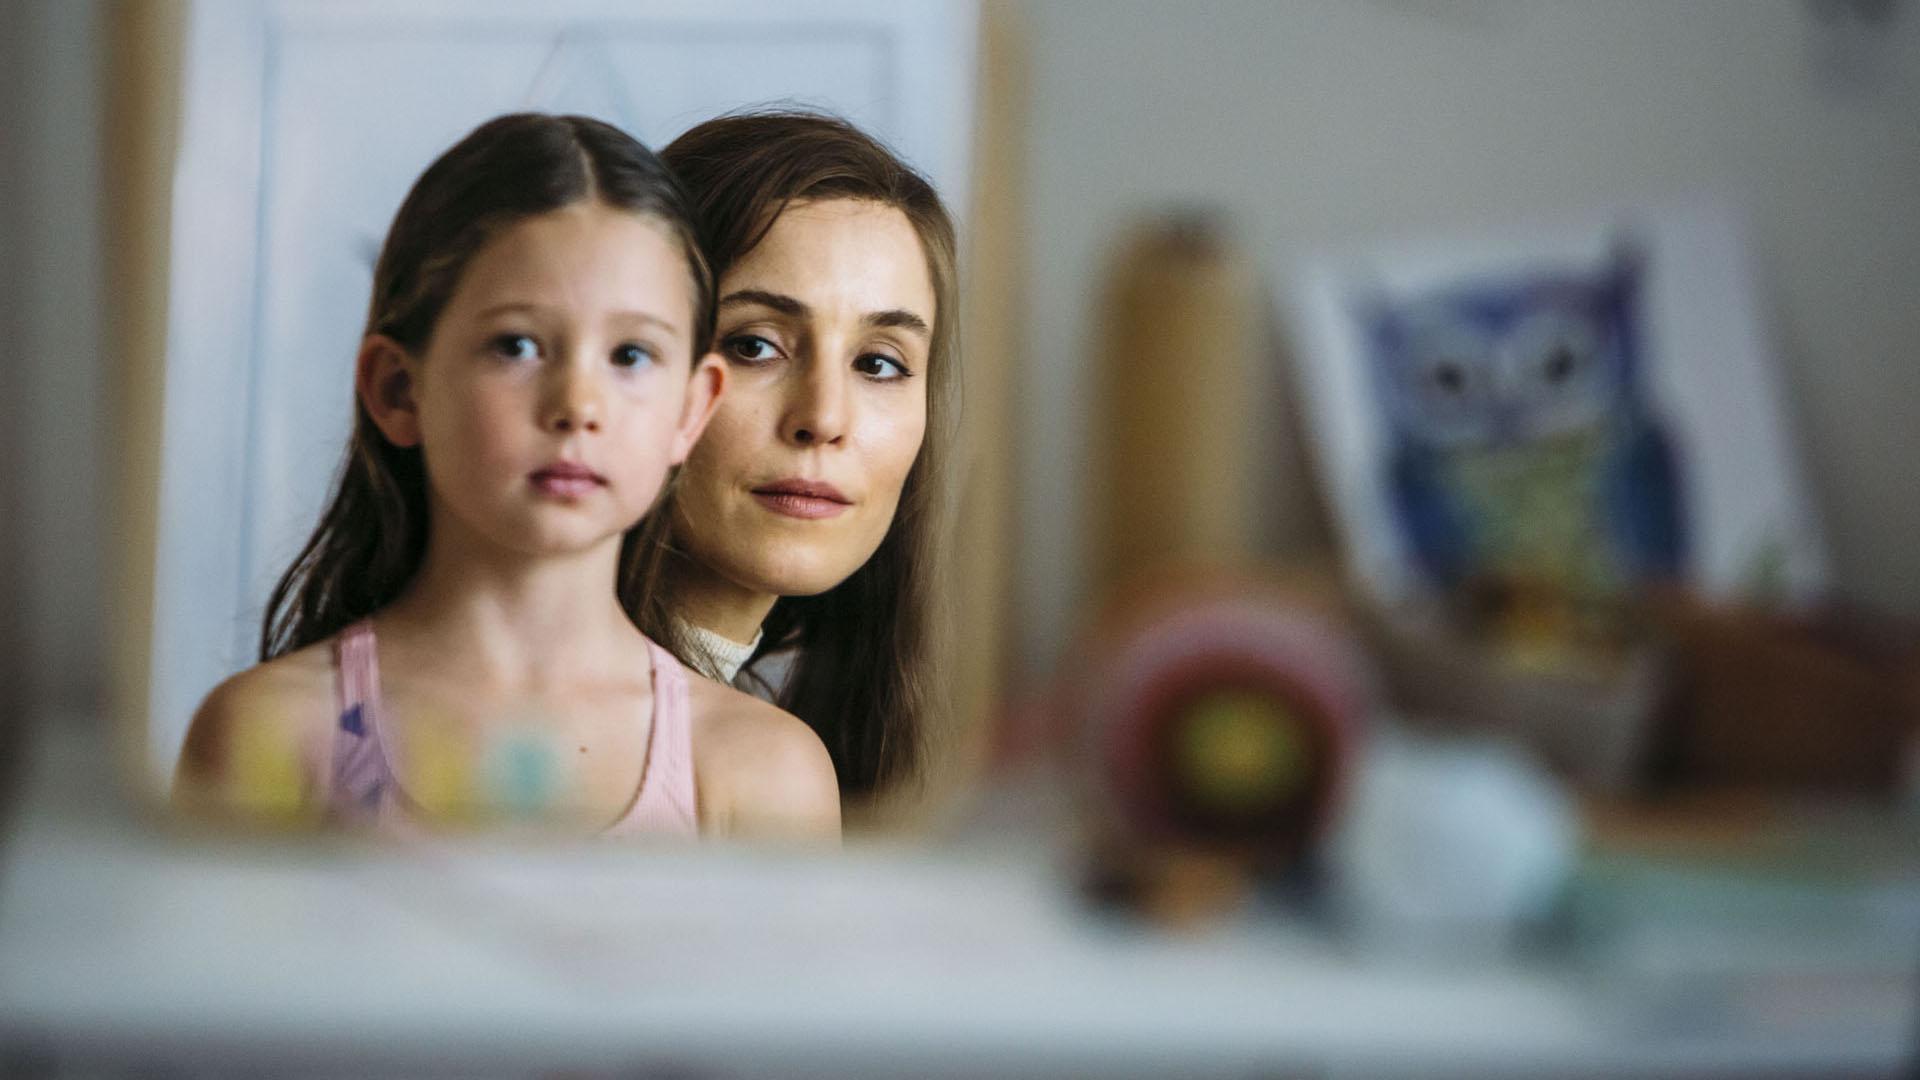 Milyen gyerekkor az, amikor rettegsz anyádtól?